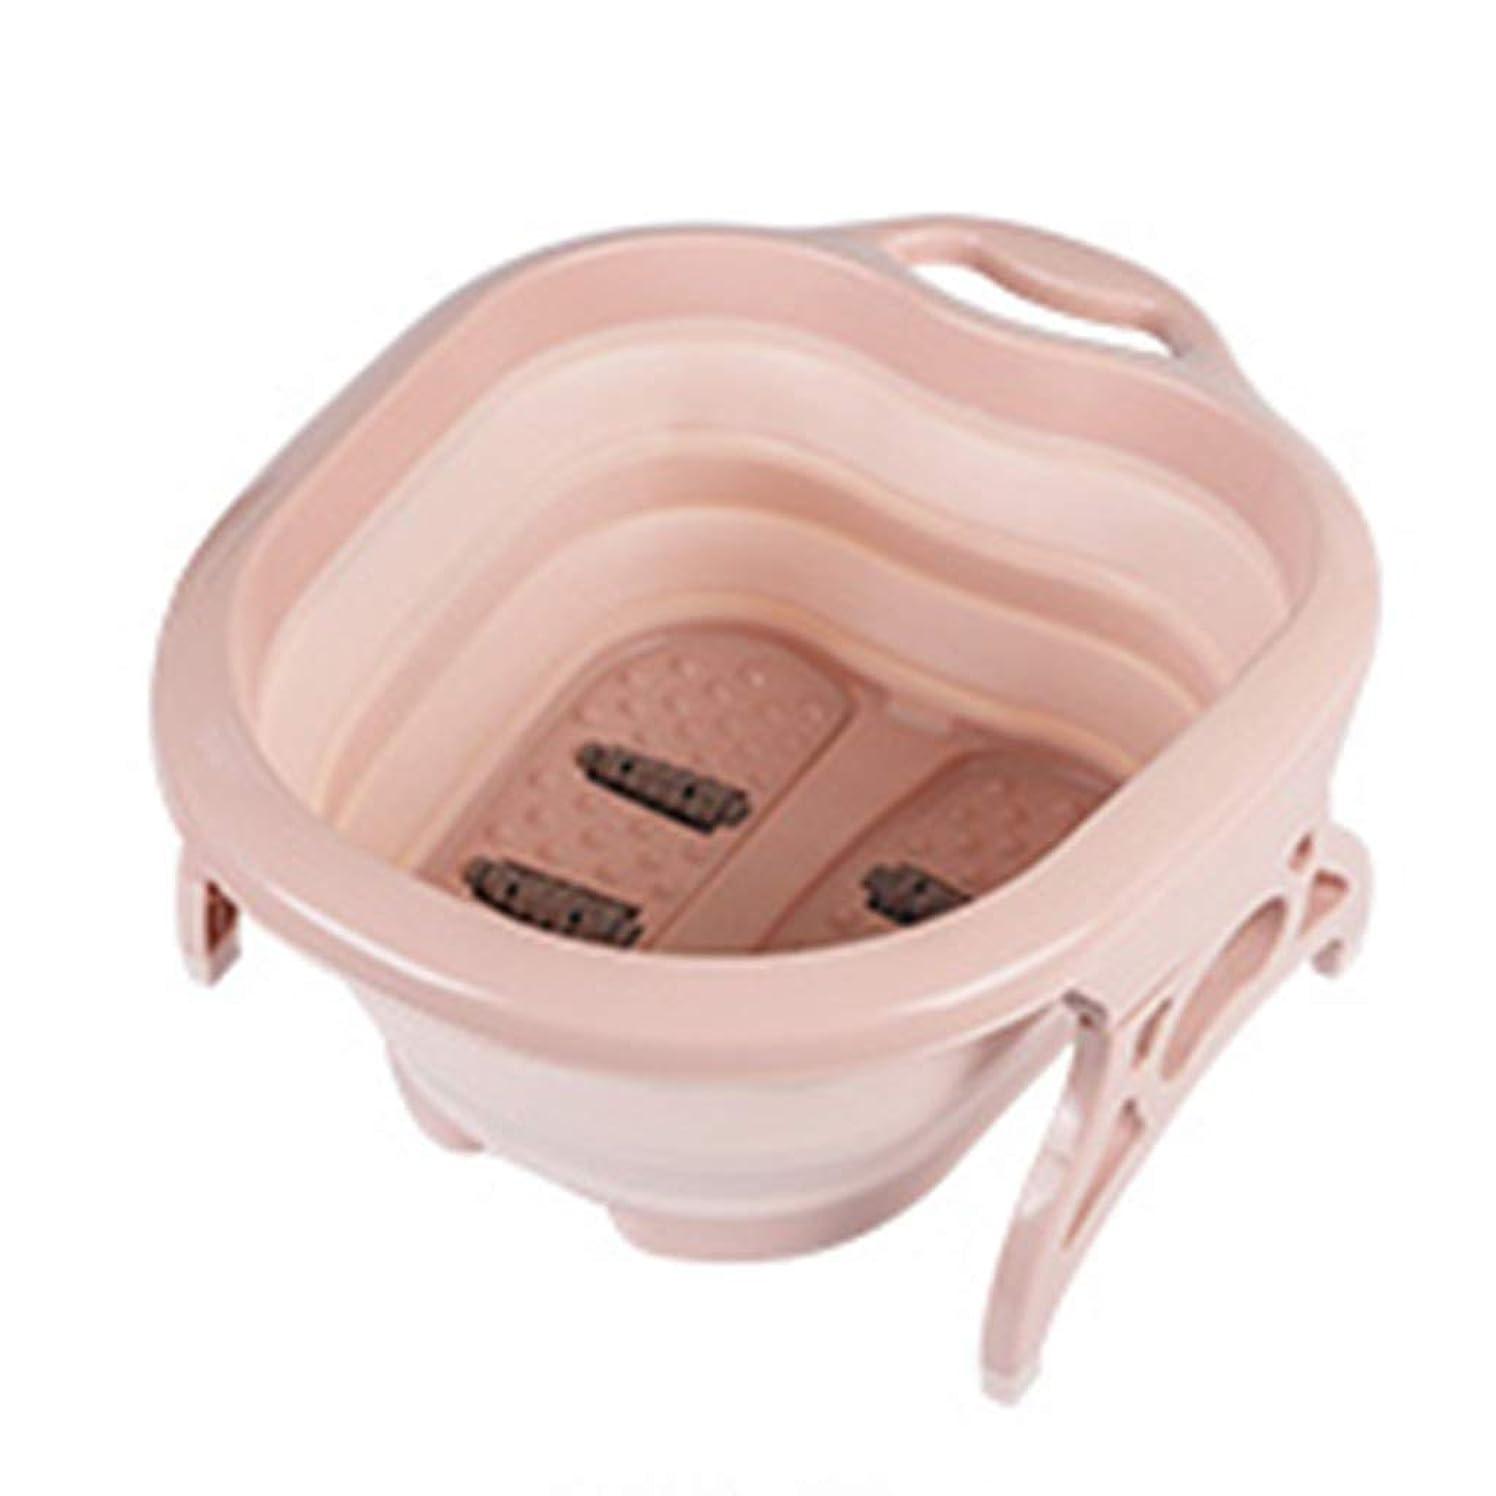 ペチコート入る一緒にLabr 折りたたみマッサージバケツ厚い丈夫なフットバス浴槽ペディキュアデトックス足洗面台家庭用健康ギフト XM1209-8-31-11 (Color : Pink)